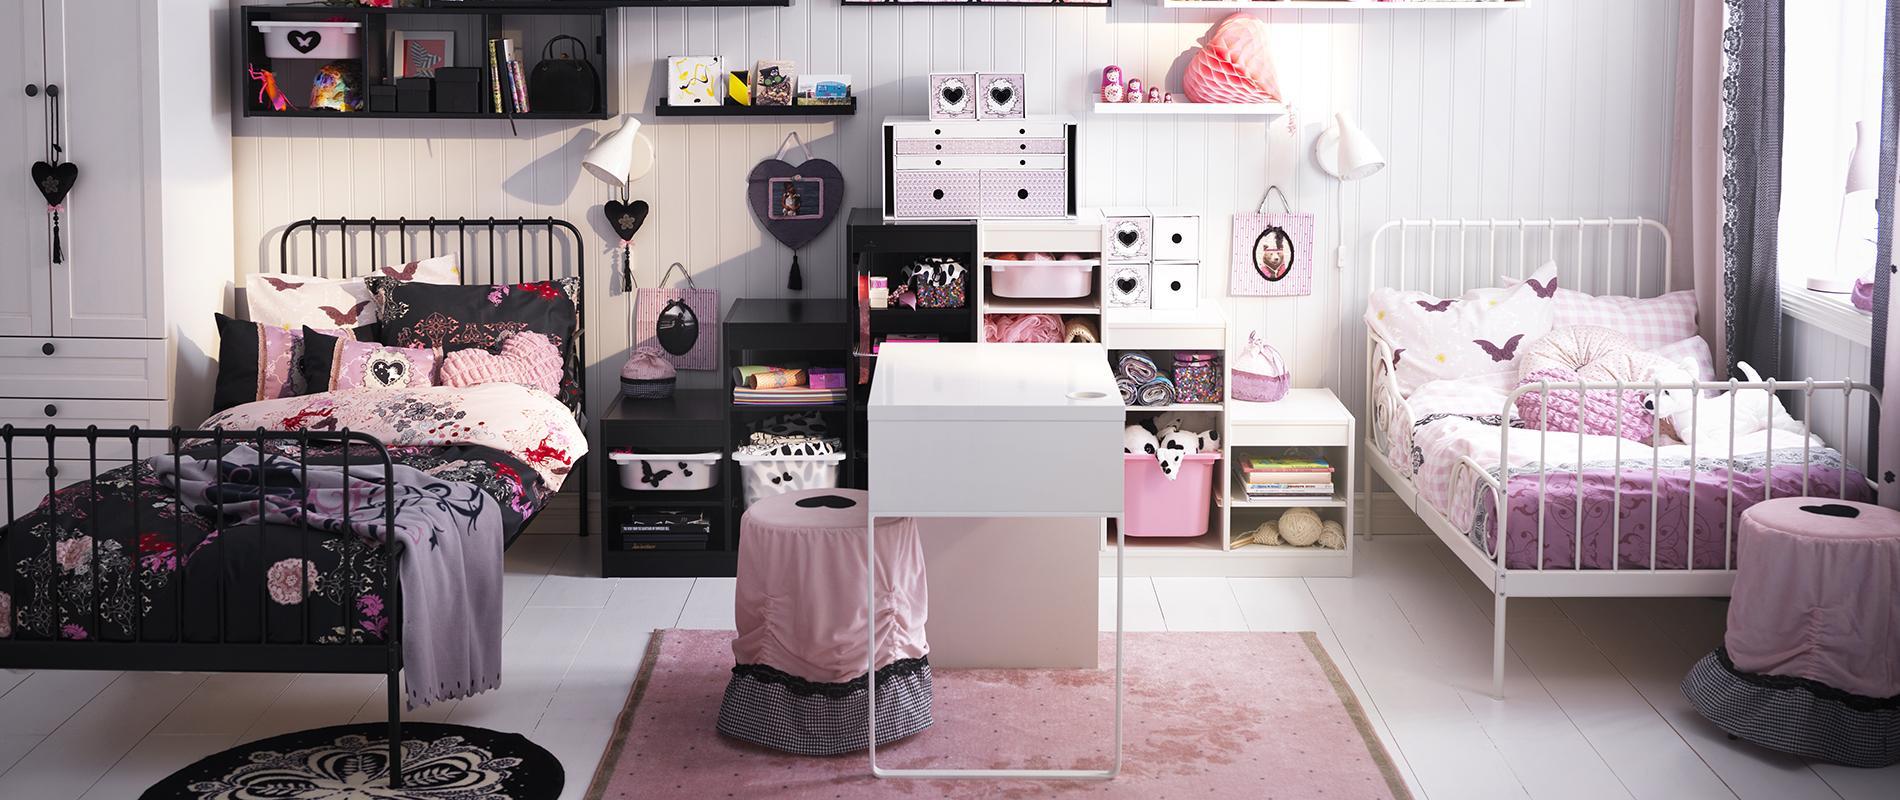 une chambre pour deux mais chacun son espace madame figaro. Black Bedroom Furniture Sets. Home Design Ideas